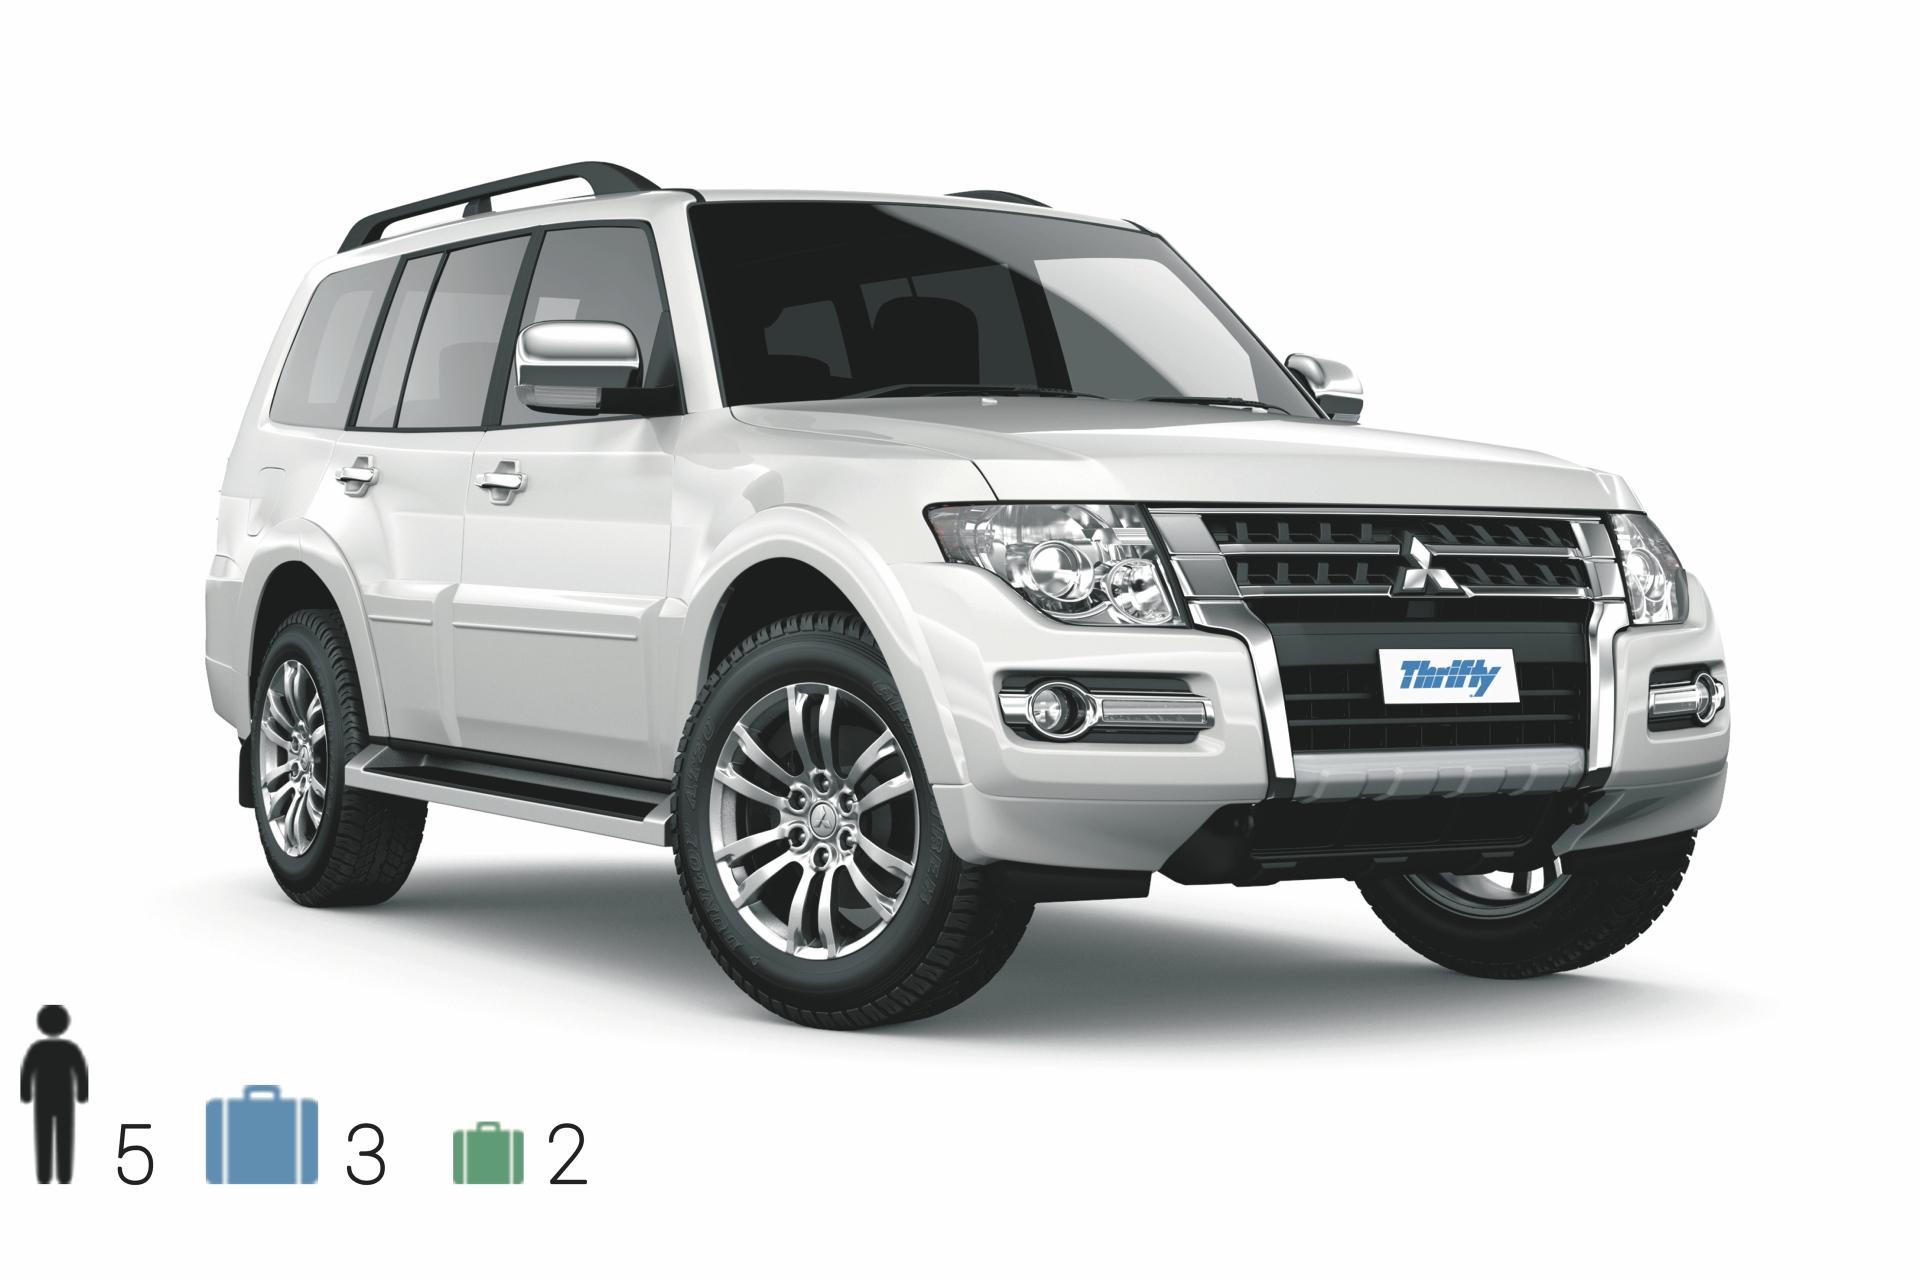 Gruppe FFAR (Large 4WD): Mitsubishi Pajero o.ä.